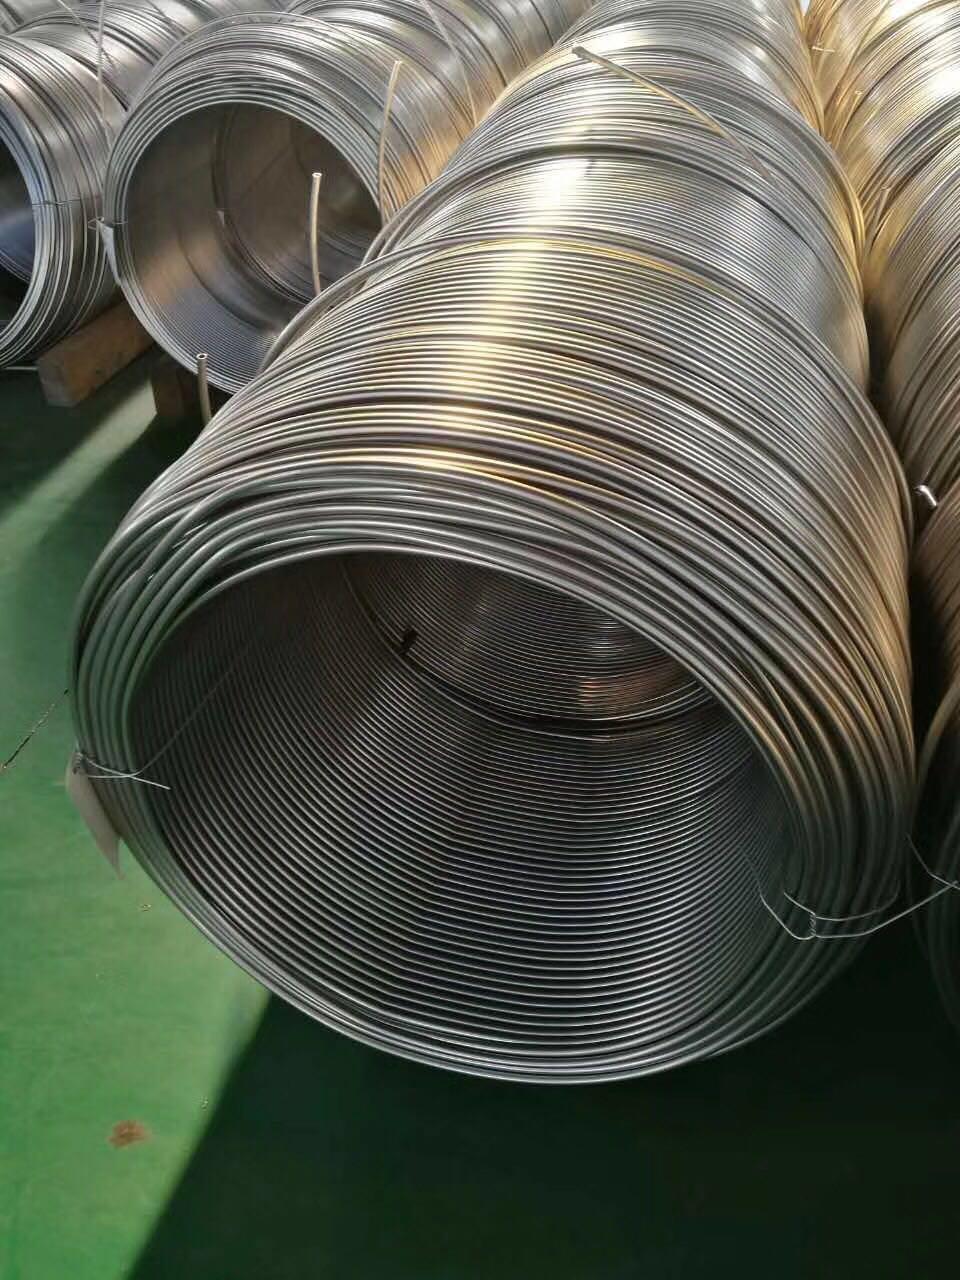 哪里的精密钢管好用还便宜呢